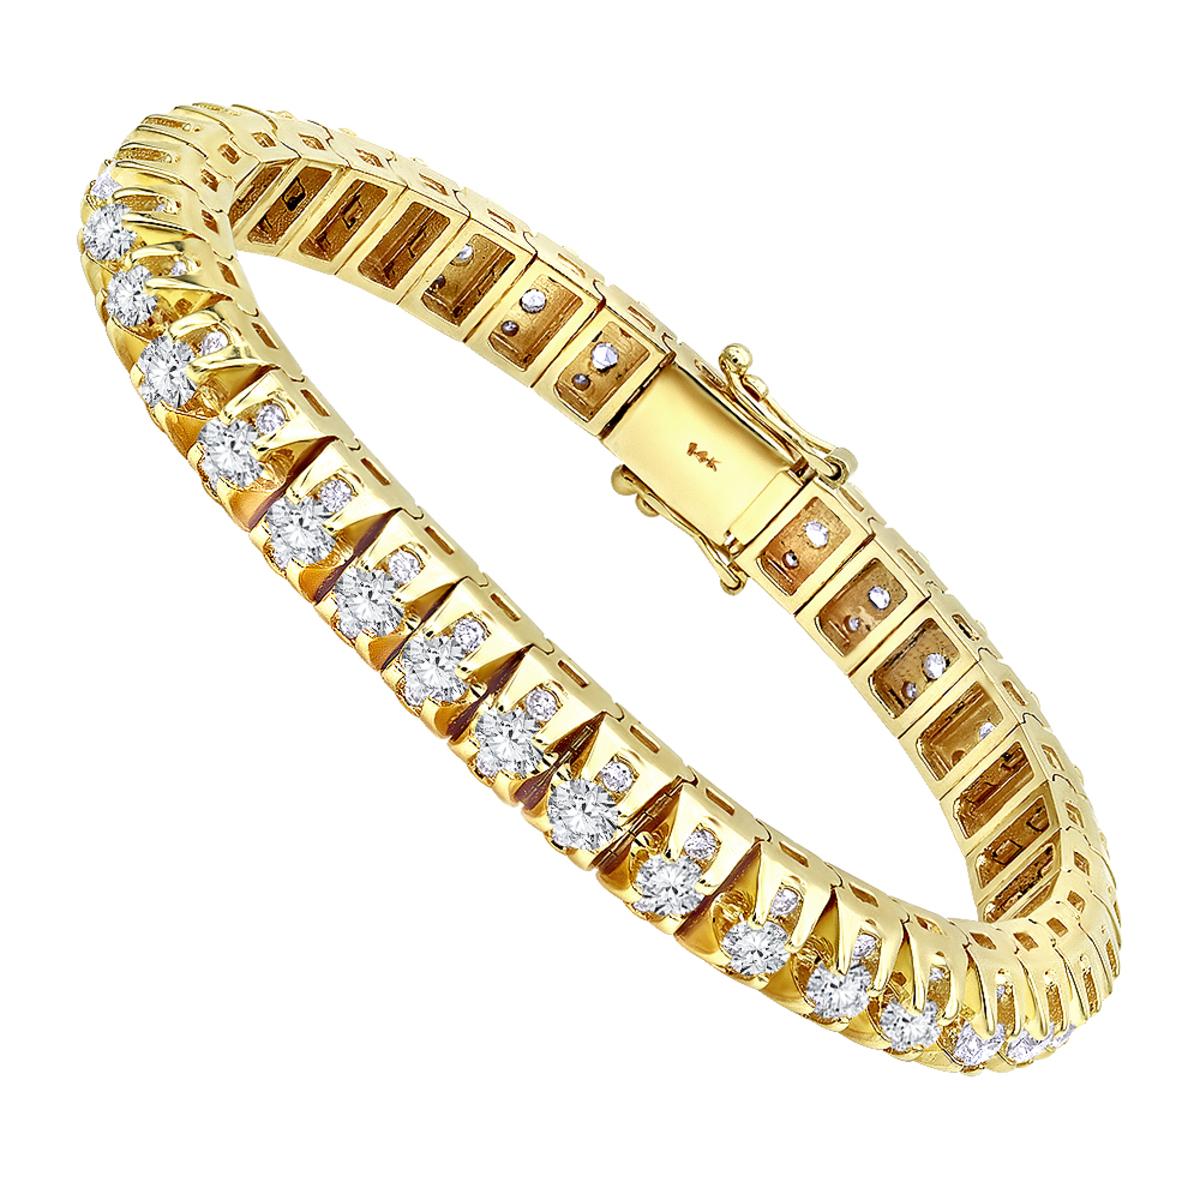 15 Carat Unique Diamond Tennis Bracelet for Men in 14k Gold By Luxurman